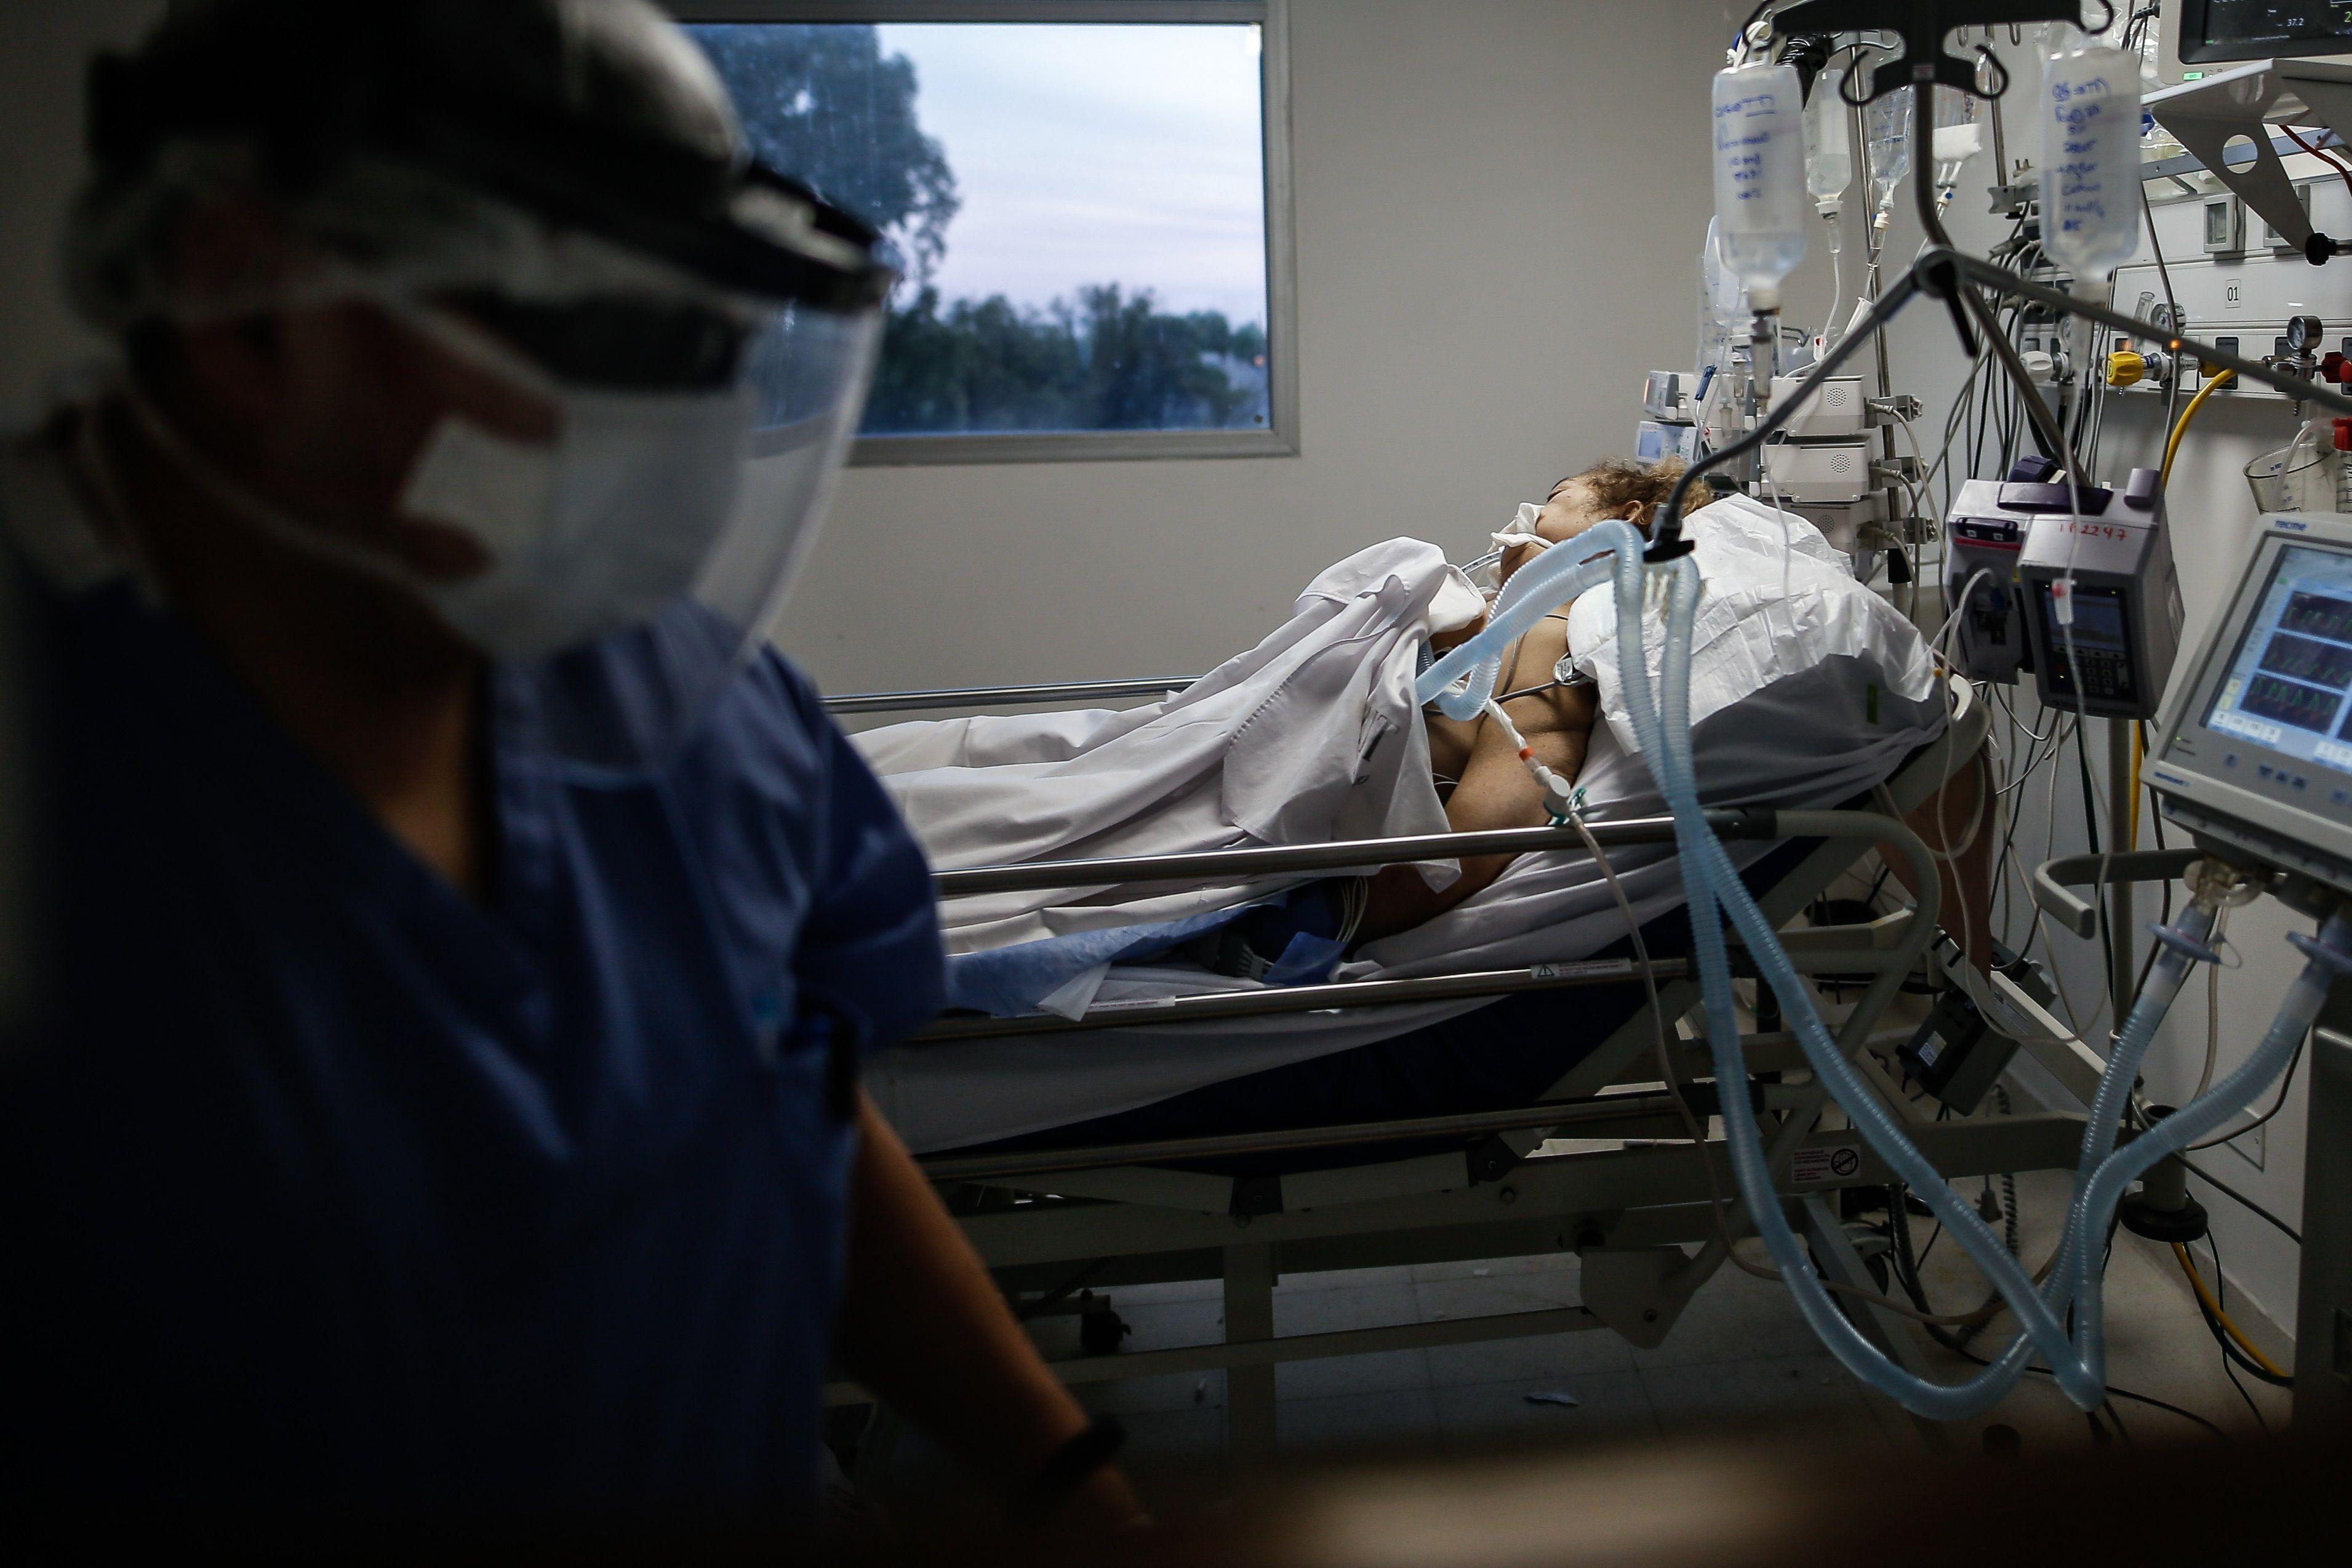 El aumento en la ocupación de camas de terapia intensiva es otra de las preocupaciones del Gobierno (EFE/Juan Ignacio Roncoroni/Archivo)